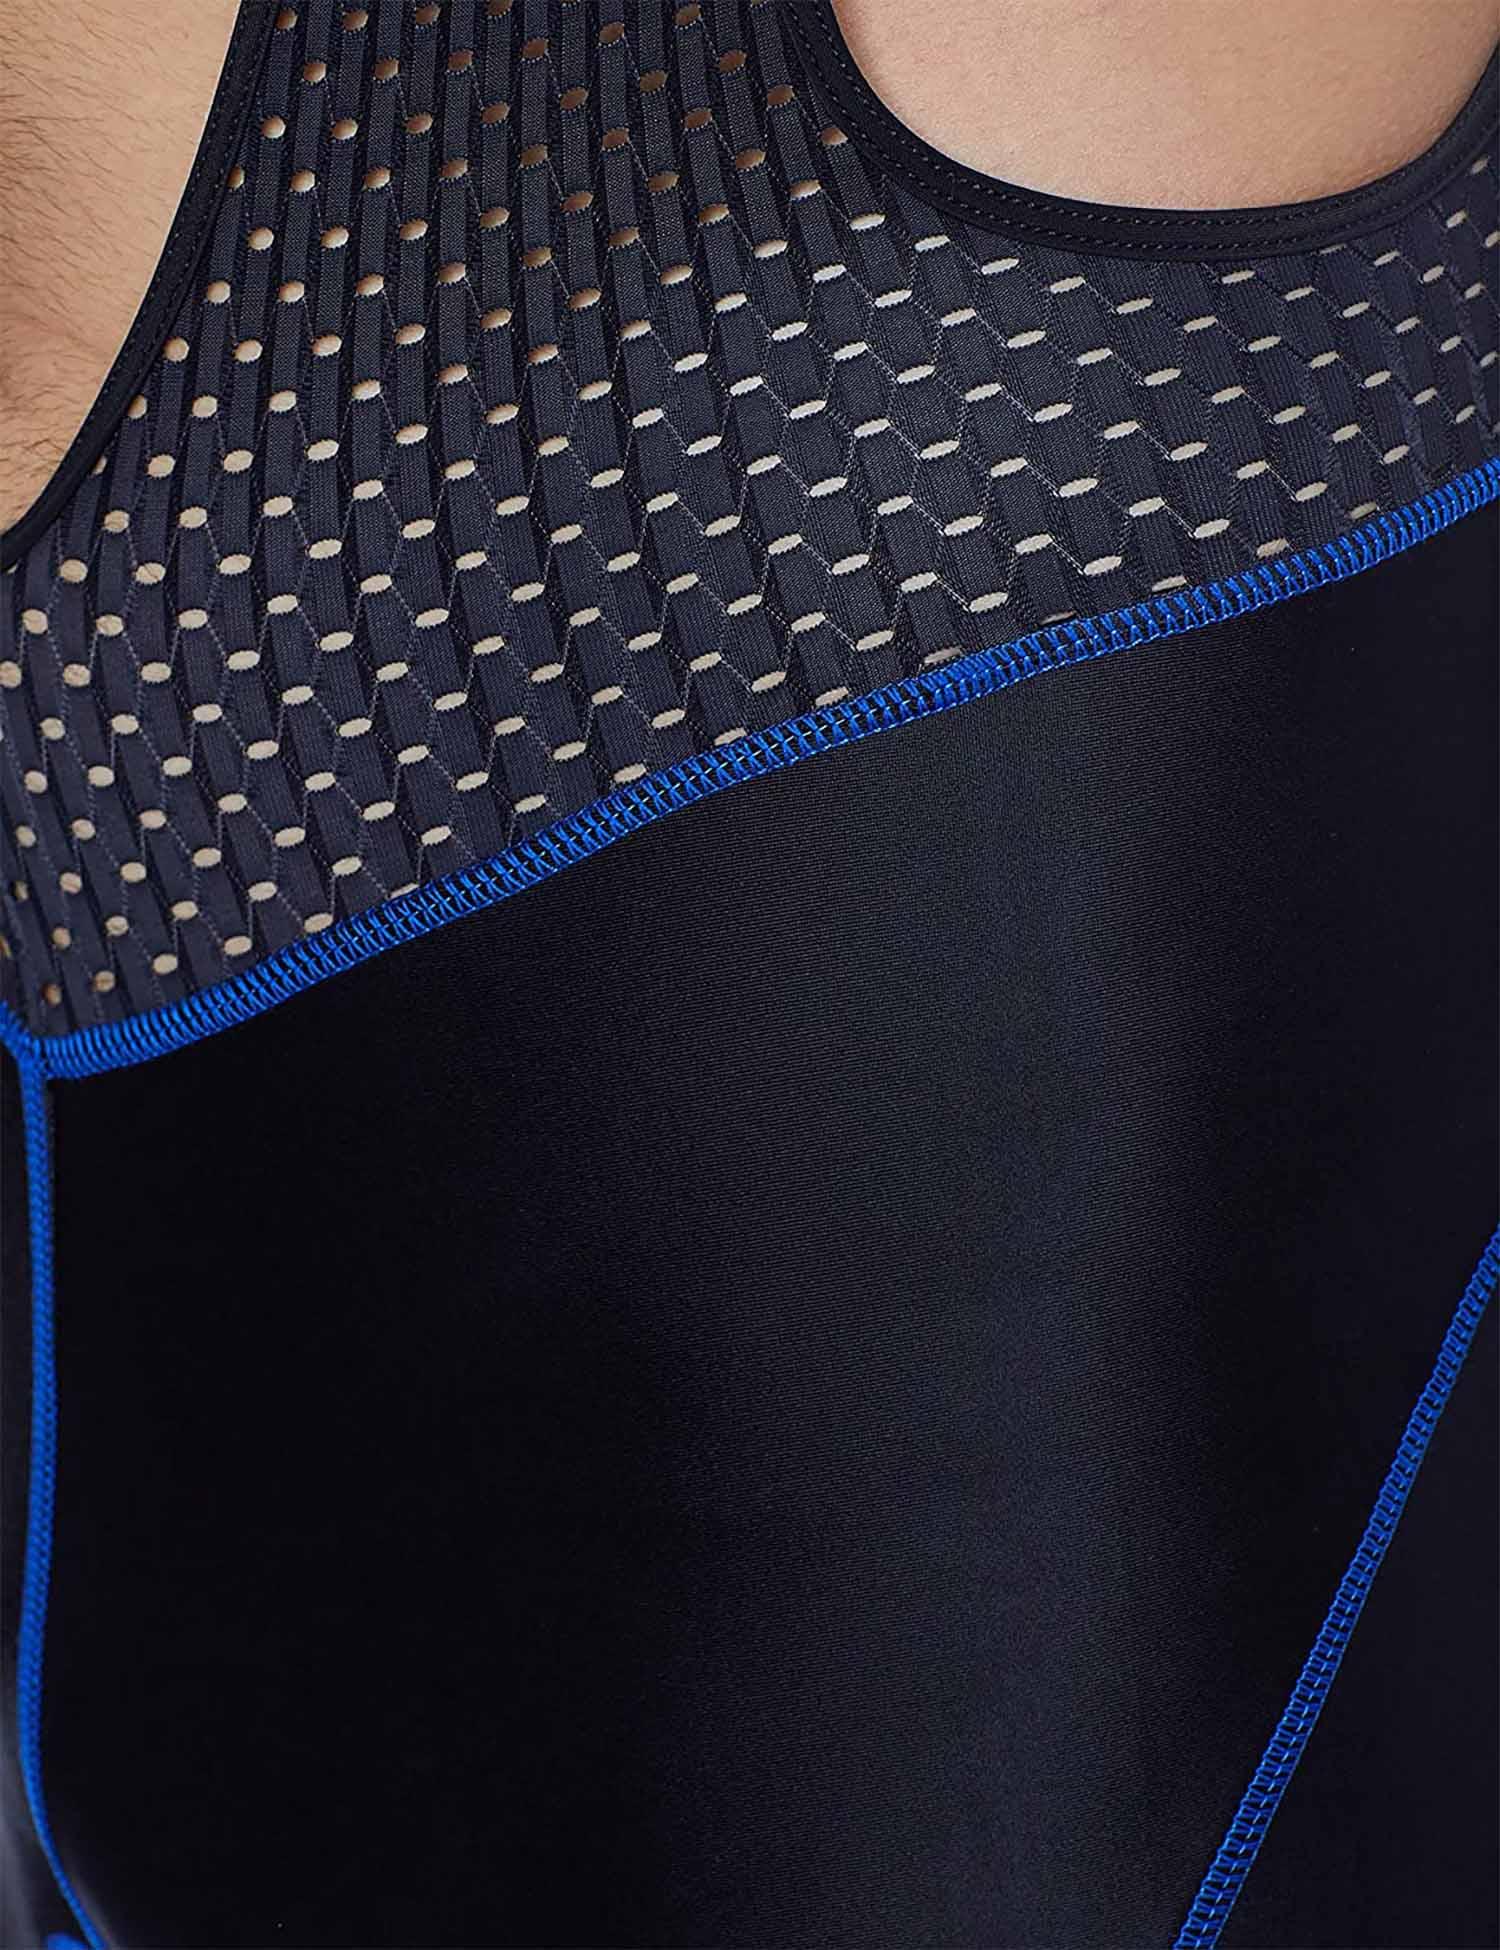 Bretelle Ciclismo Masculino 3Xu Preto/Azul - Refactor